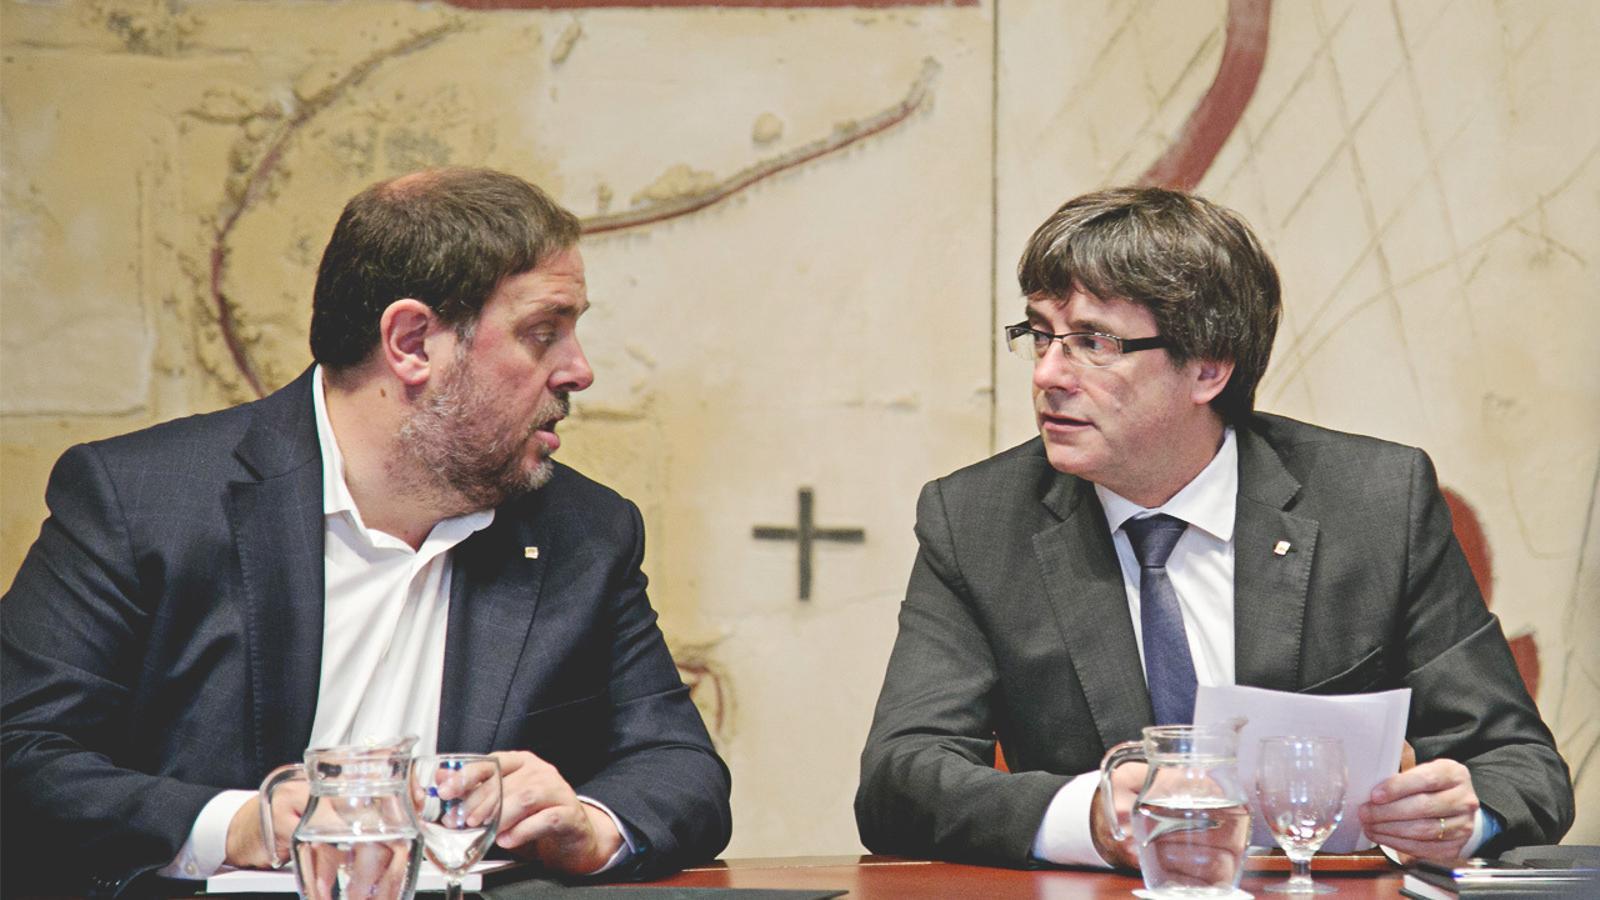 L'analisi d'Antoni Bassas: 'Formeu un bon govern per a tothom'